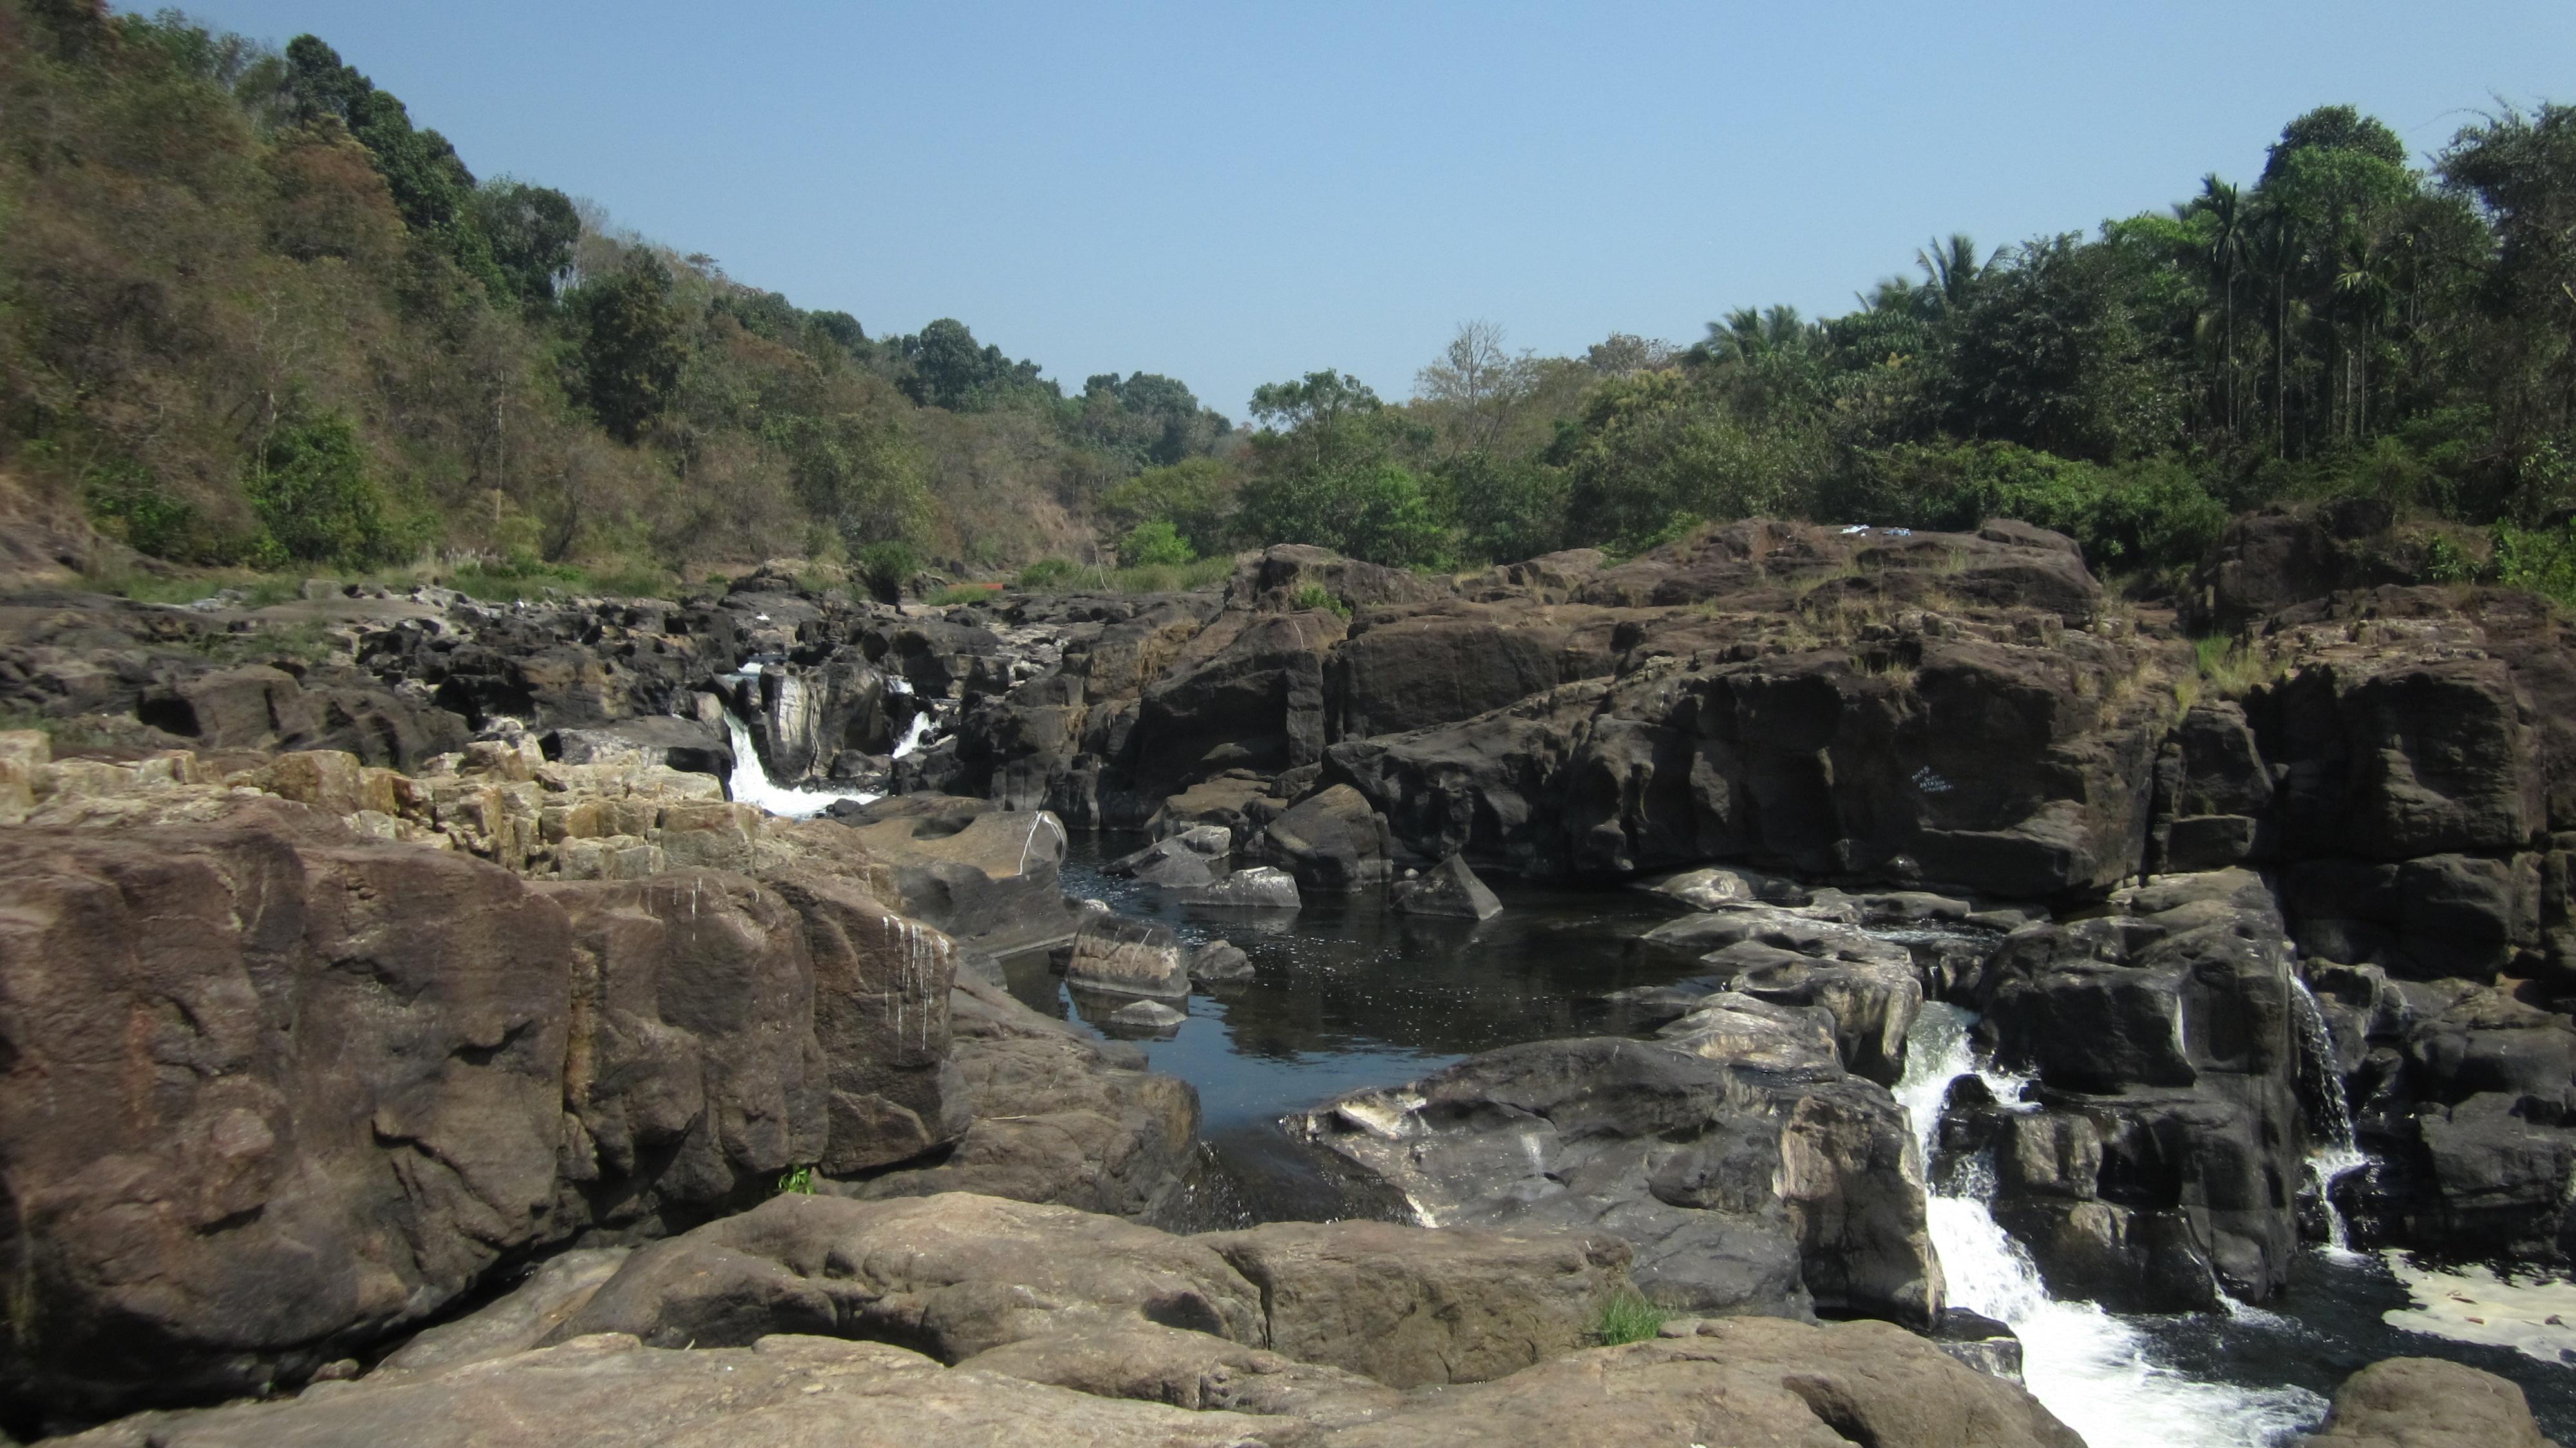 Perunthenaruvi Waterfalls, Kerala